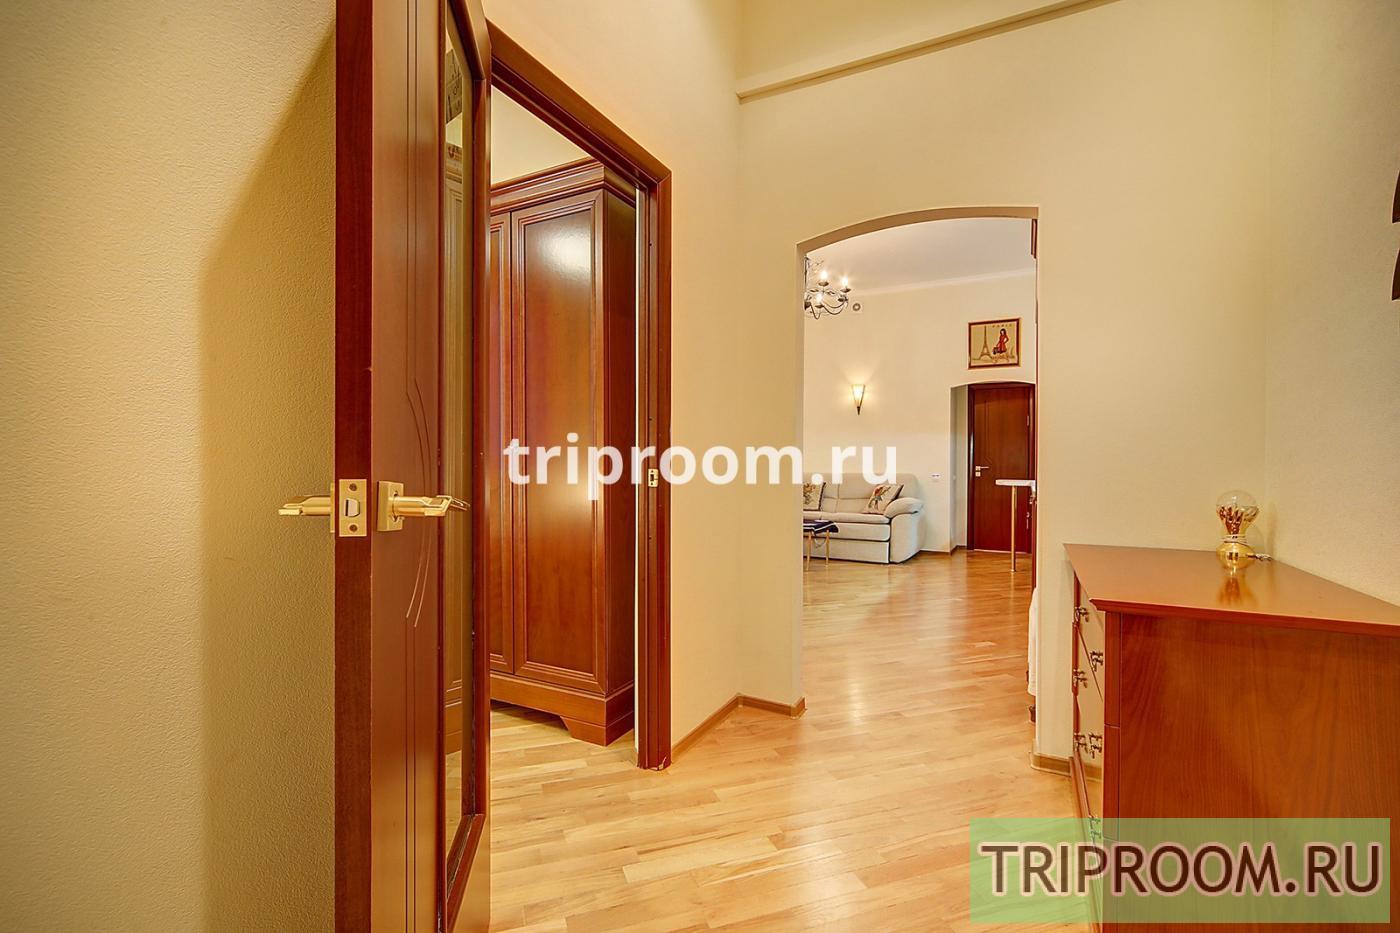 2-комнатная квартира посуточно (вариант № 15116), ул. Большая Конюшенная улица, фото № 17